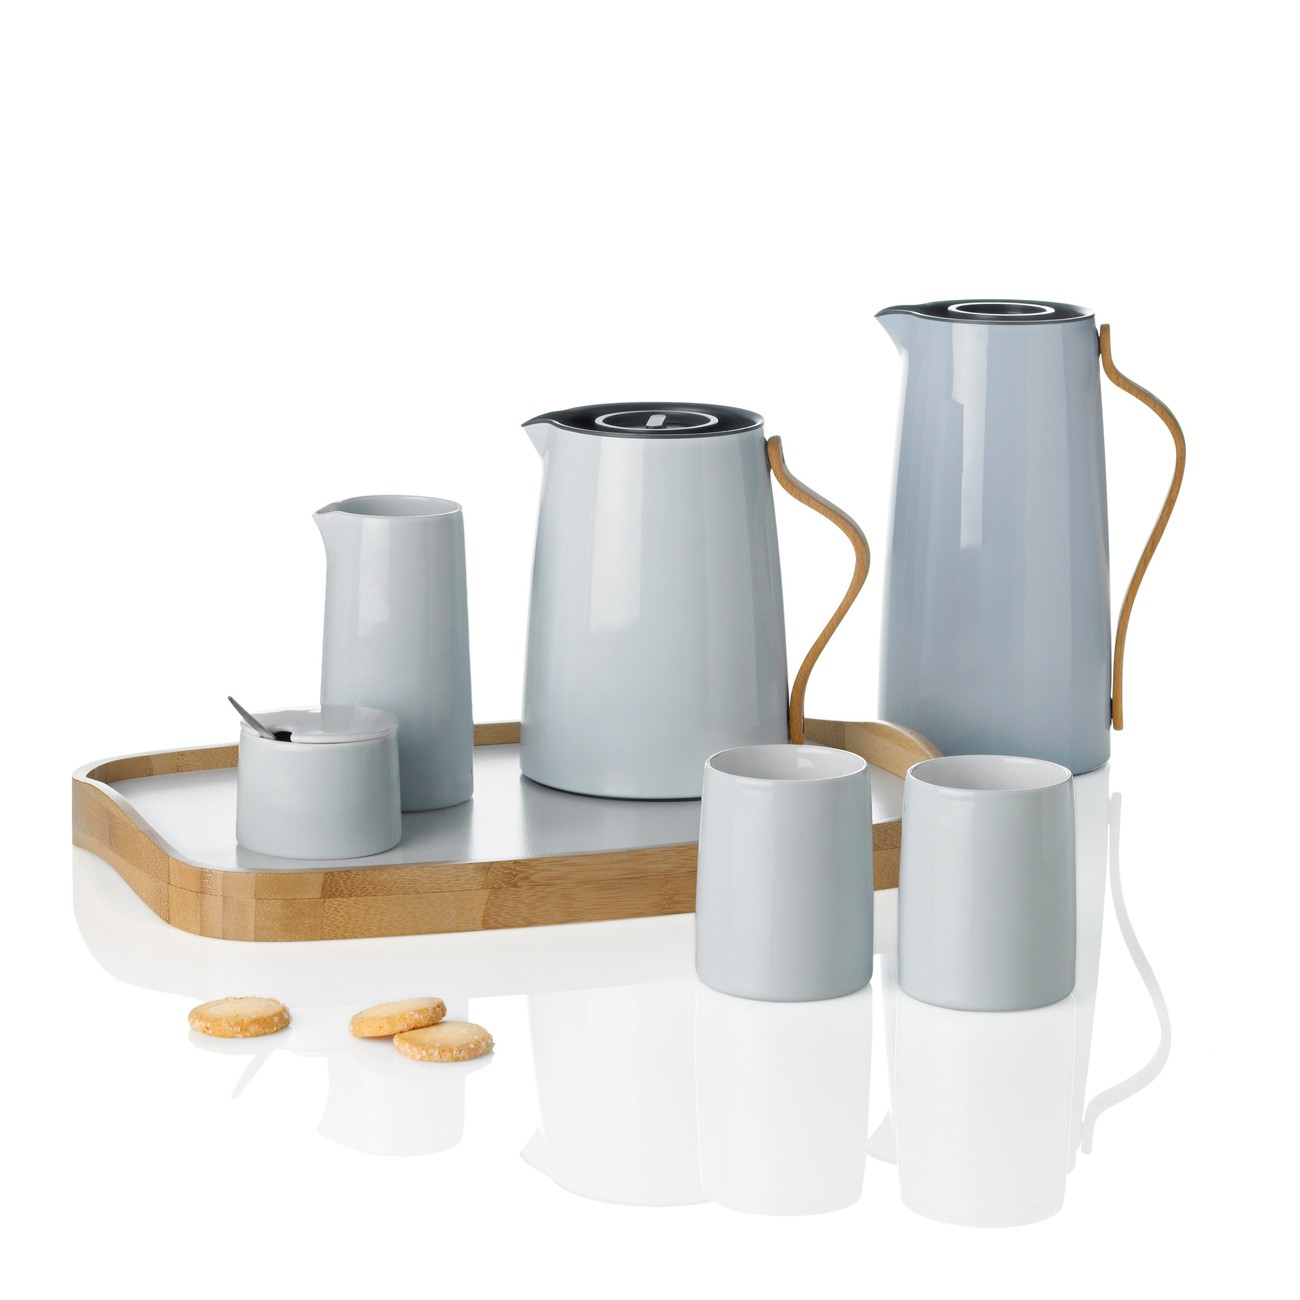 stelton emma isolierkanne kaffee 1 2 l blau kaffeekanne x 200 speisen servieren kannen. Black Bedroom Furniture Sets. Home Design Ideas